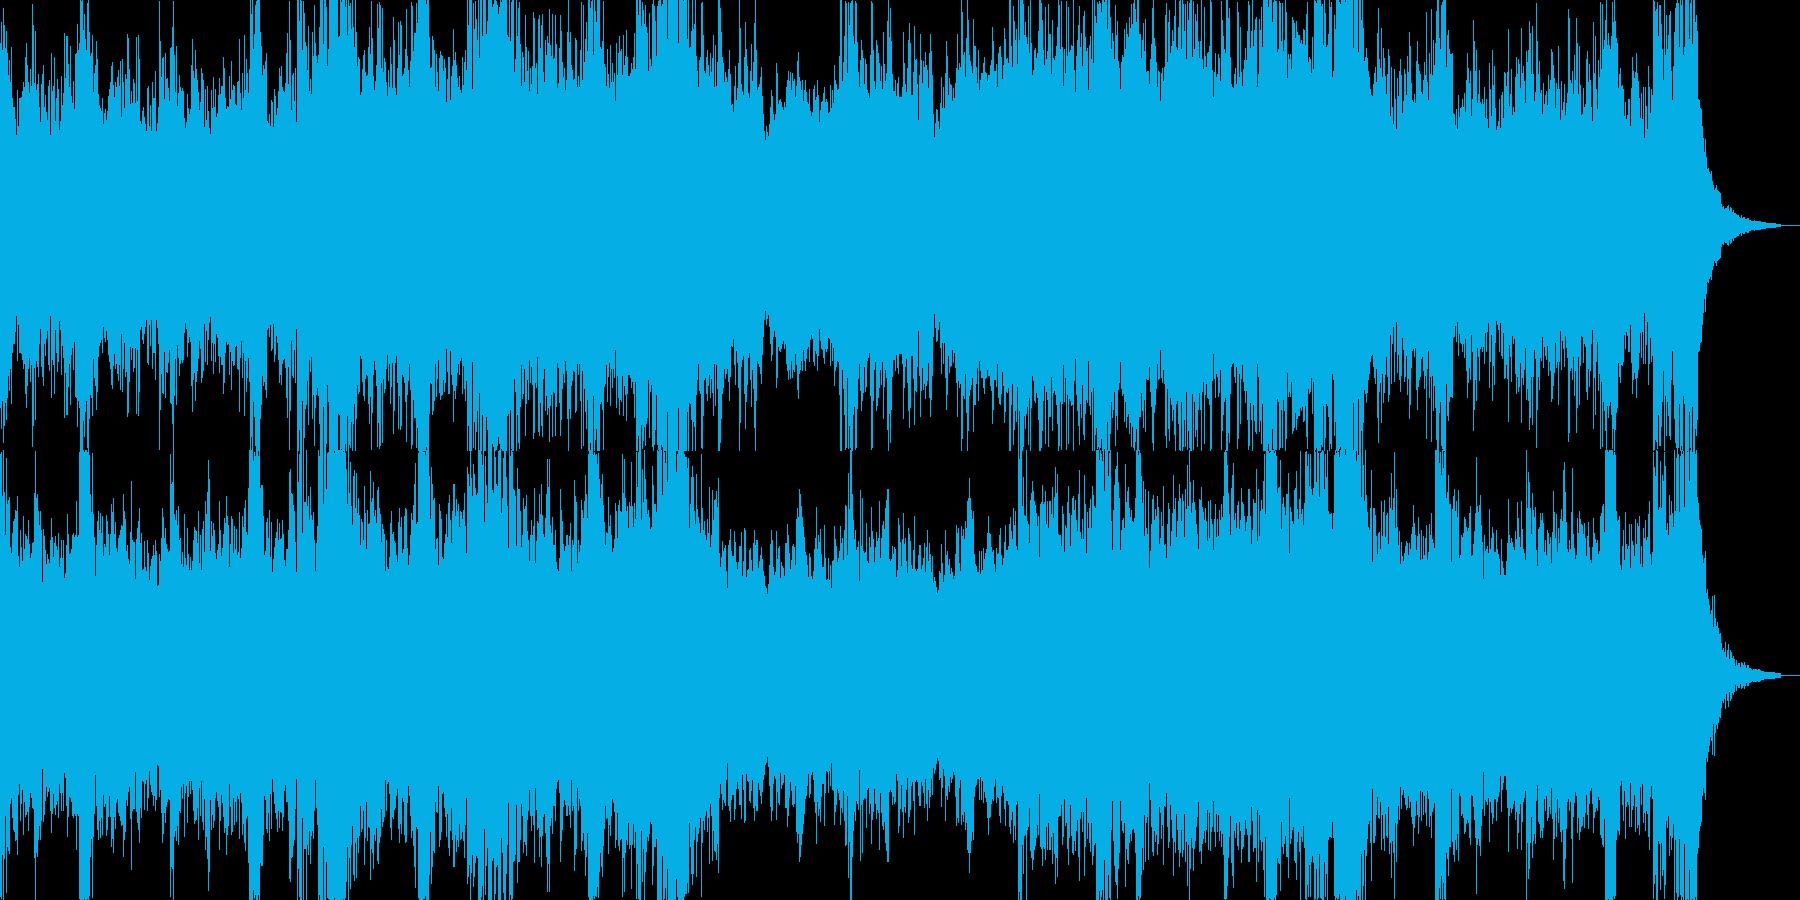 緊迫感があり暗くパワフルなオーケストラ曲の再生済みの波形